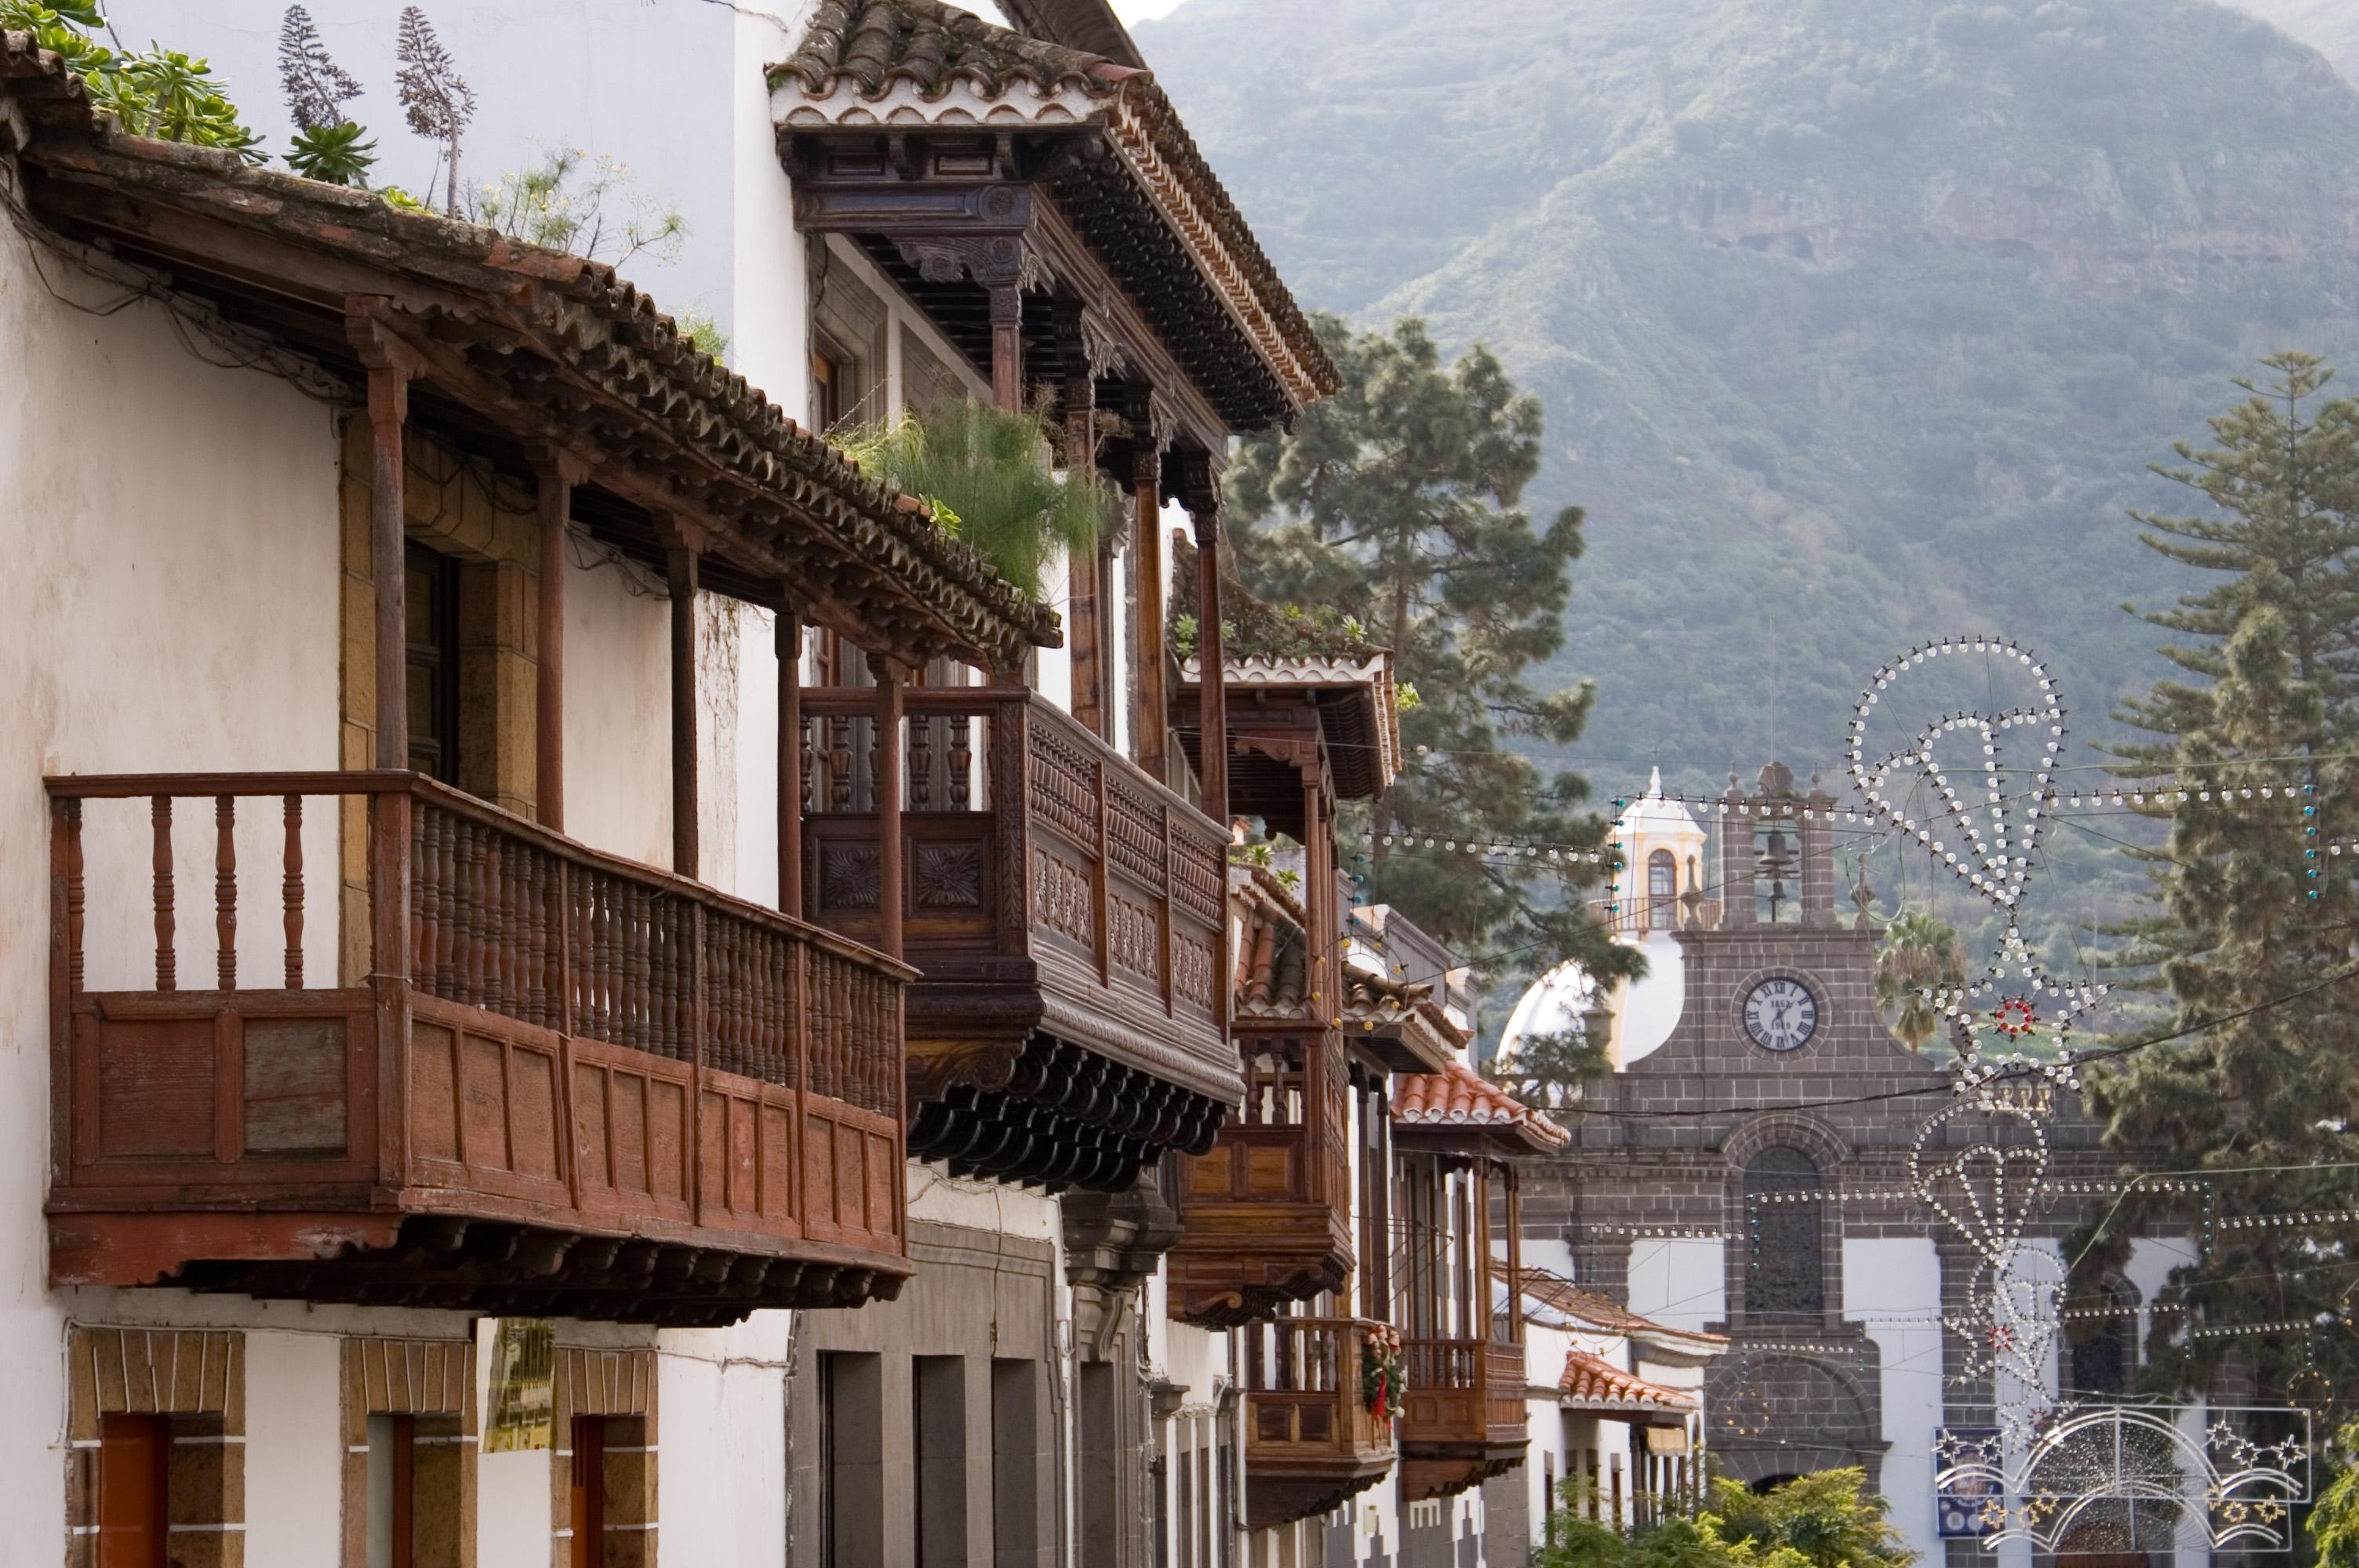 Teror gran canaria lugares con historia - Casas de madera gran canaria ...